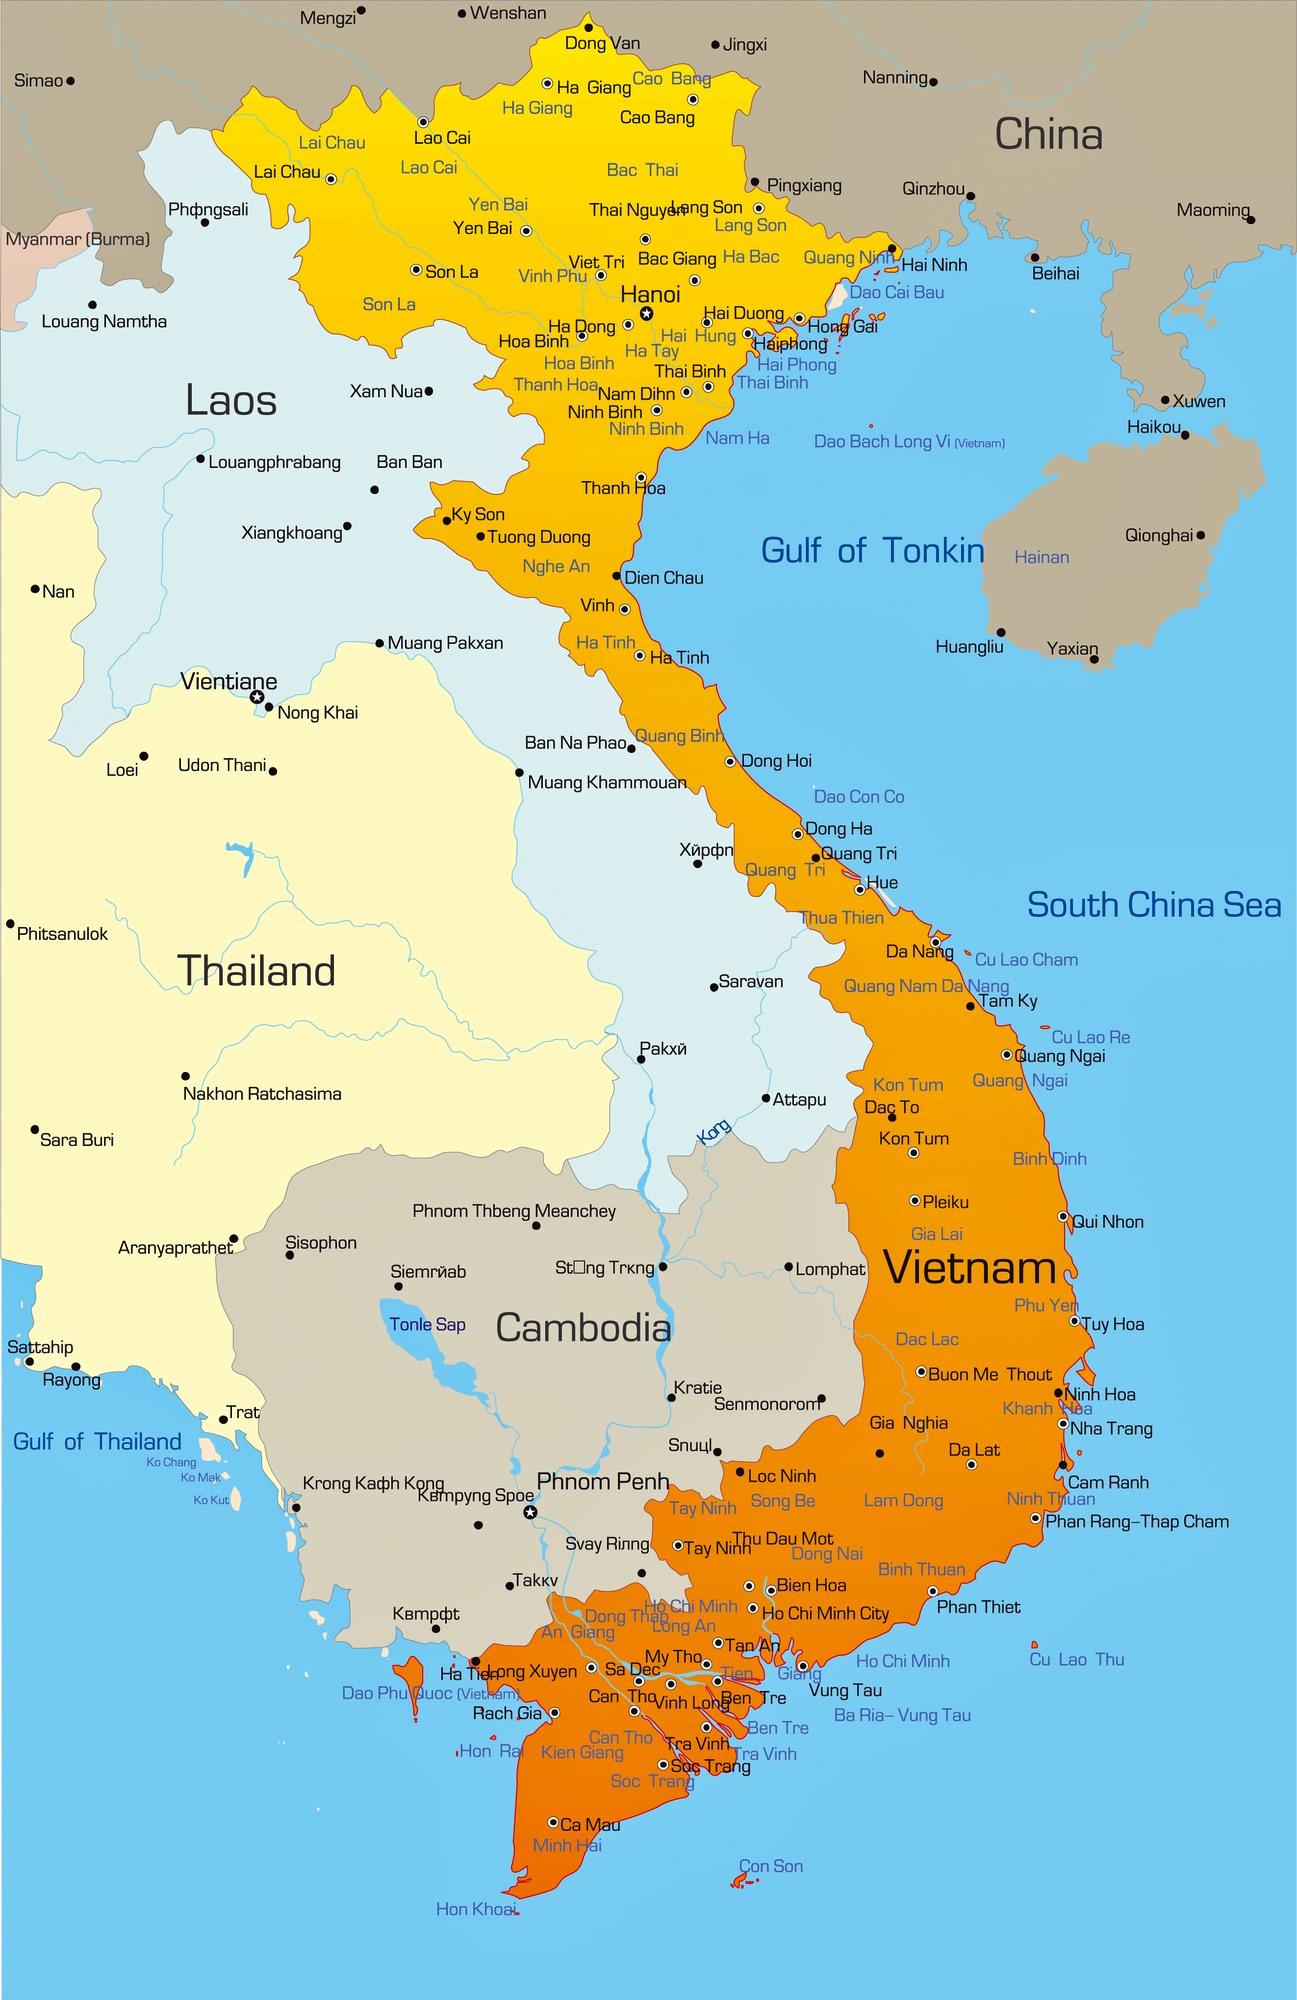 Cities map of Vietnam - OrangeSmile.com